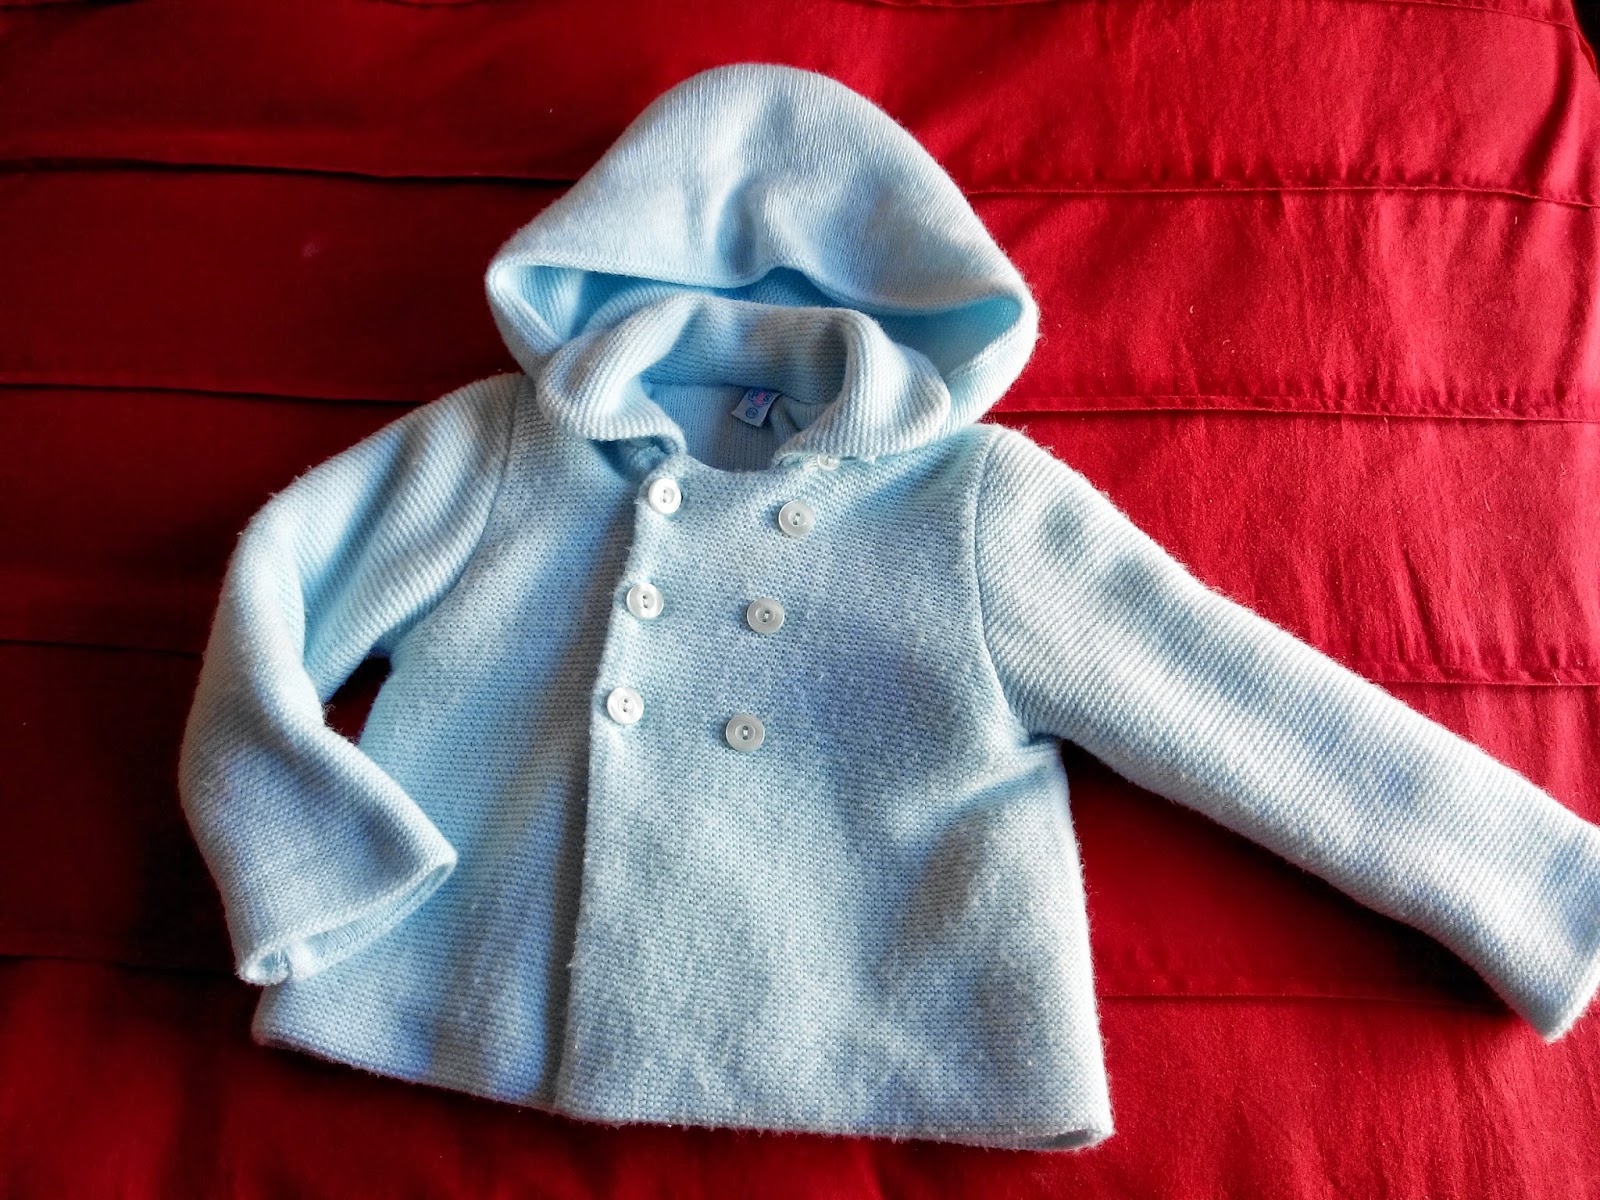 tienda online ropa niños, ropa puesta una vez, tienda online ropa segunda mano niños y bebés, ,ropa niños bebes seminueva,